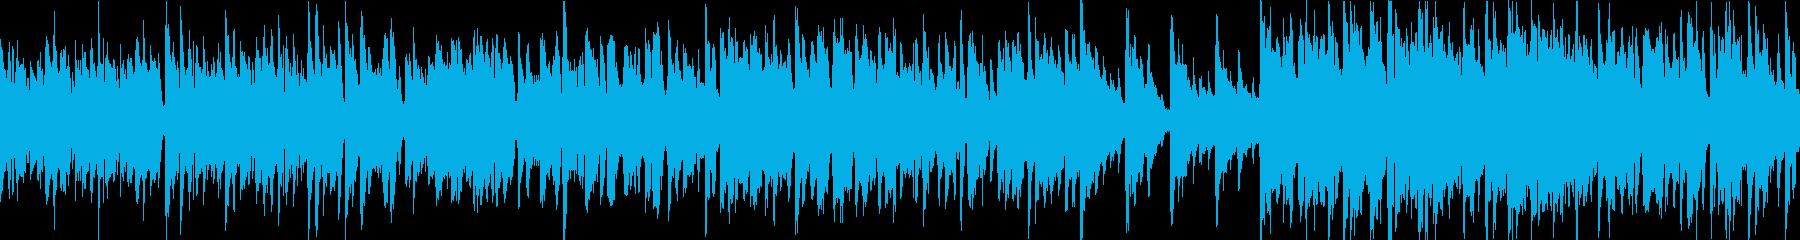 優雅/フランス映画風BGM/ループ可能の再生済みの波形